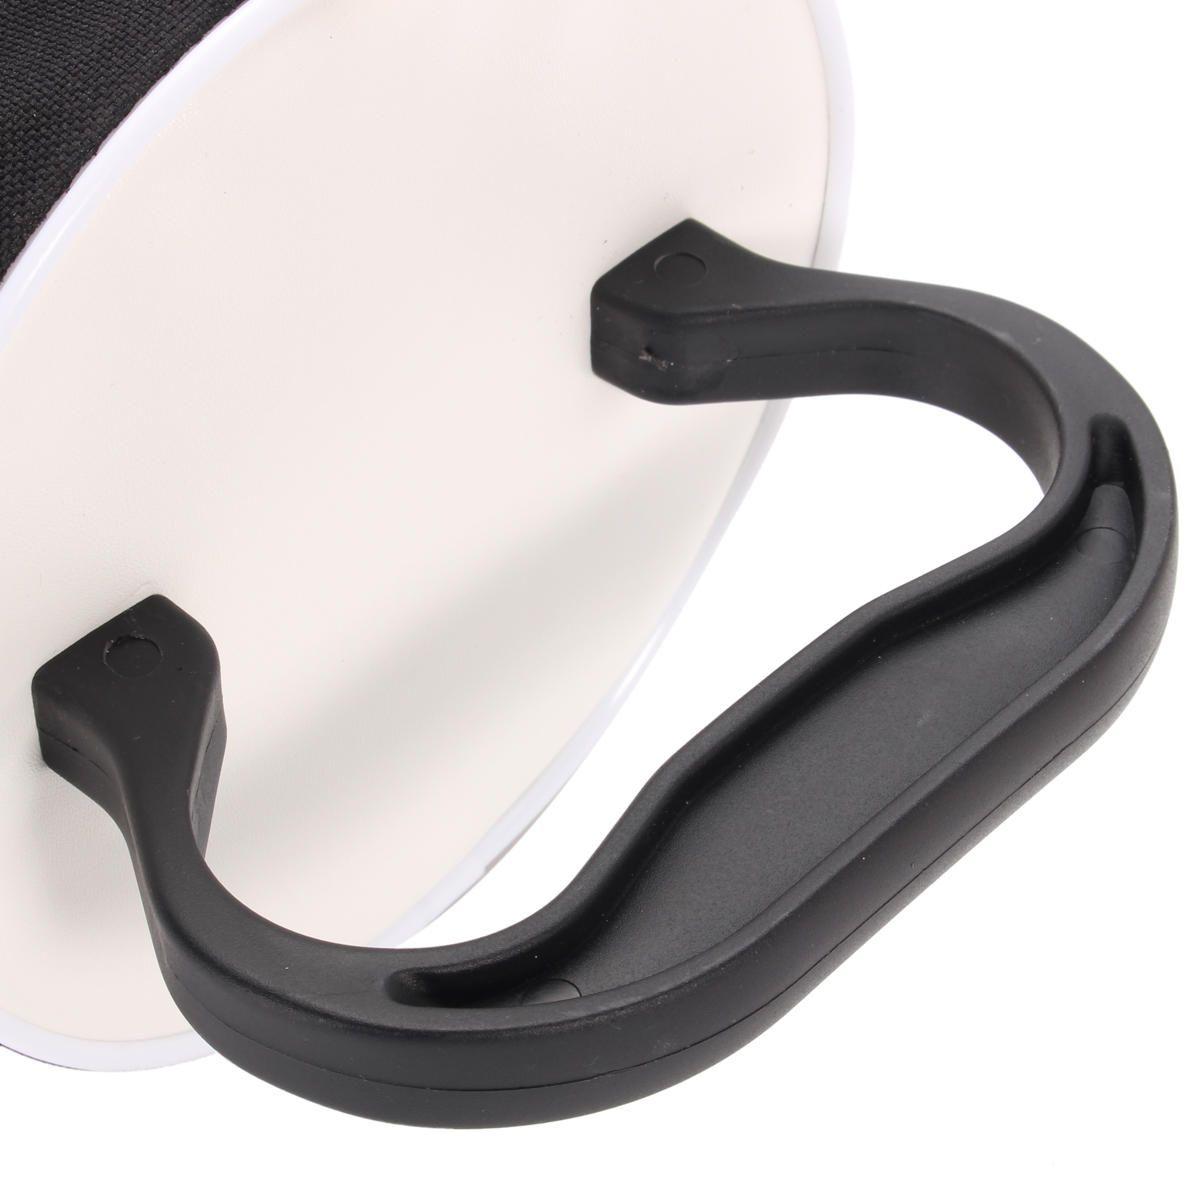 EIL US$27.09 Portable Golf Shag Bag 60 Balls Convenient Hop-pocket Pick Up Bag Ball Storage